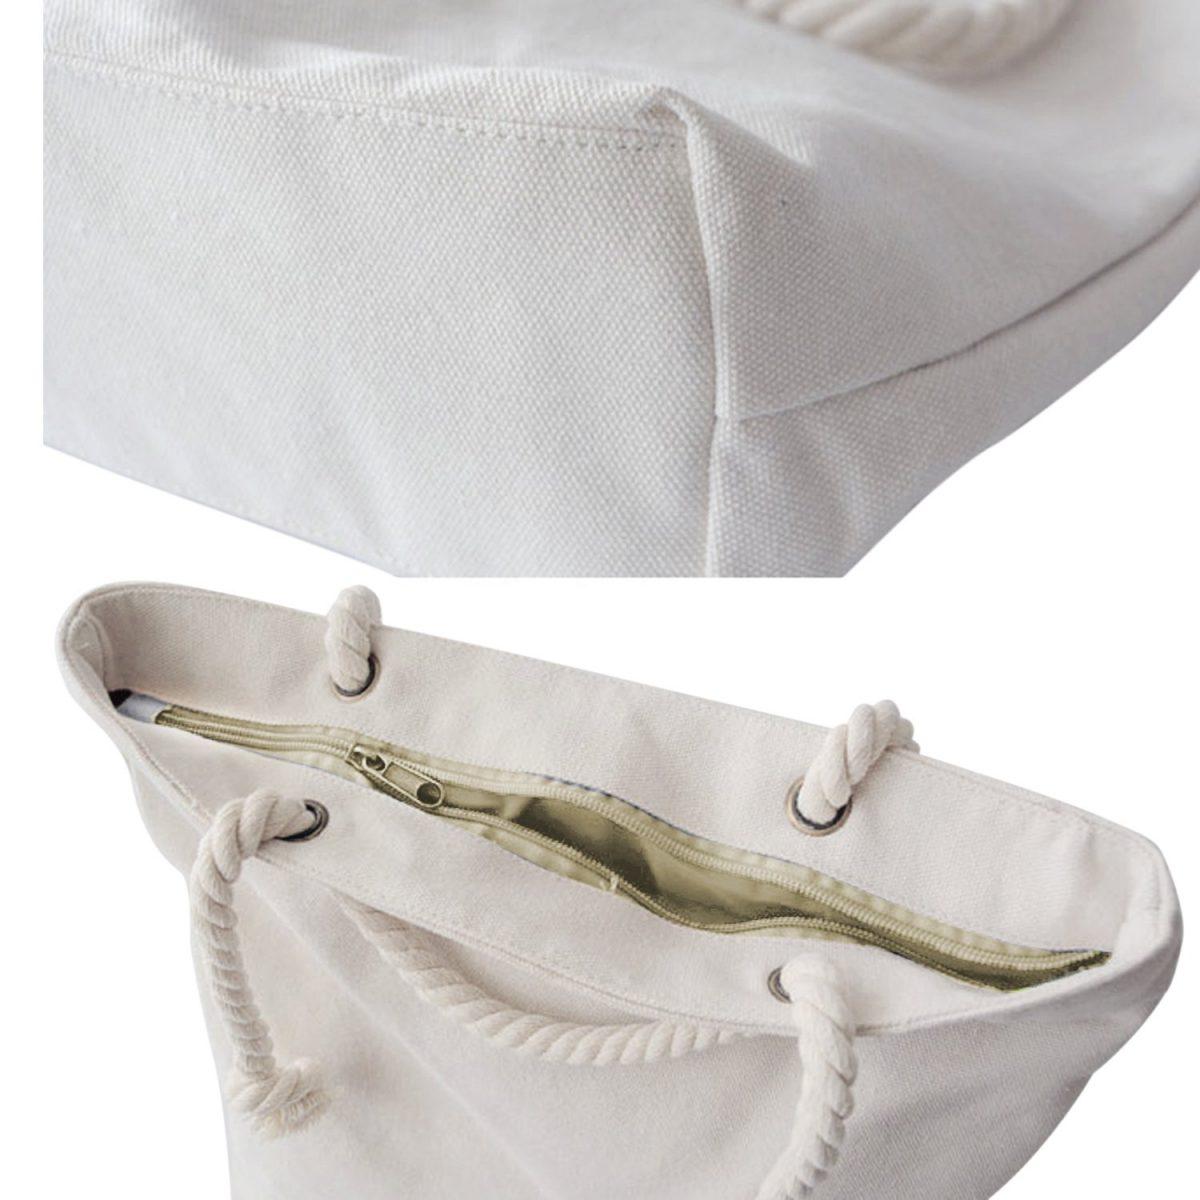 Kare Puan Çizimli Dekoratif Dijital Baskılı Fermuarlı Kumaş Çanta Realhomes